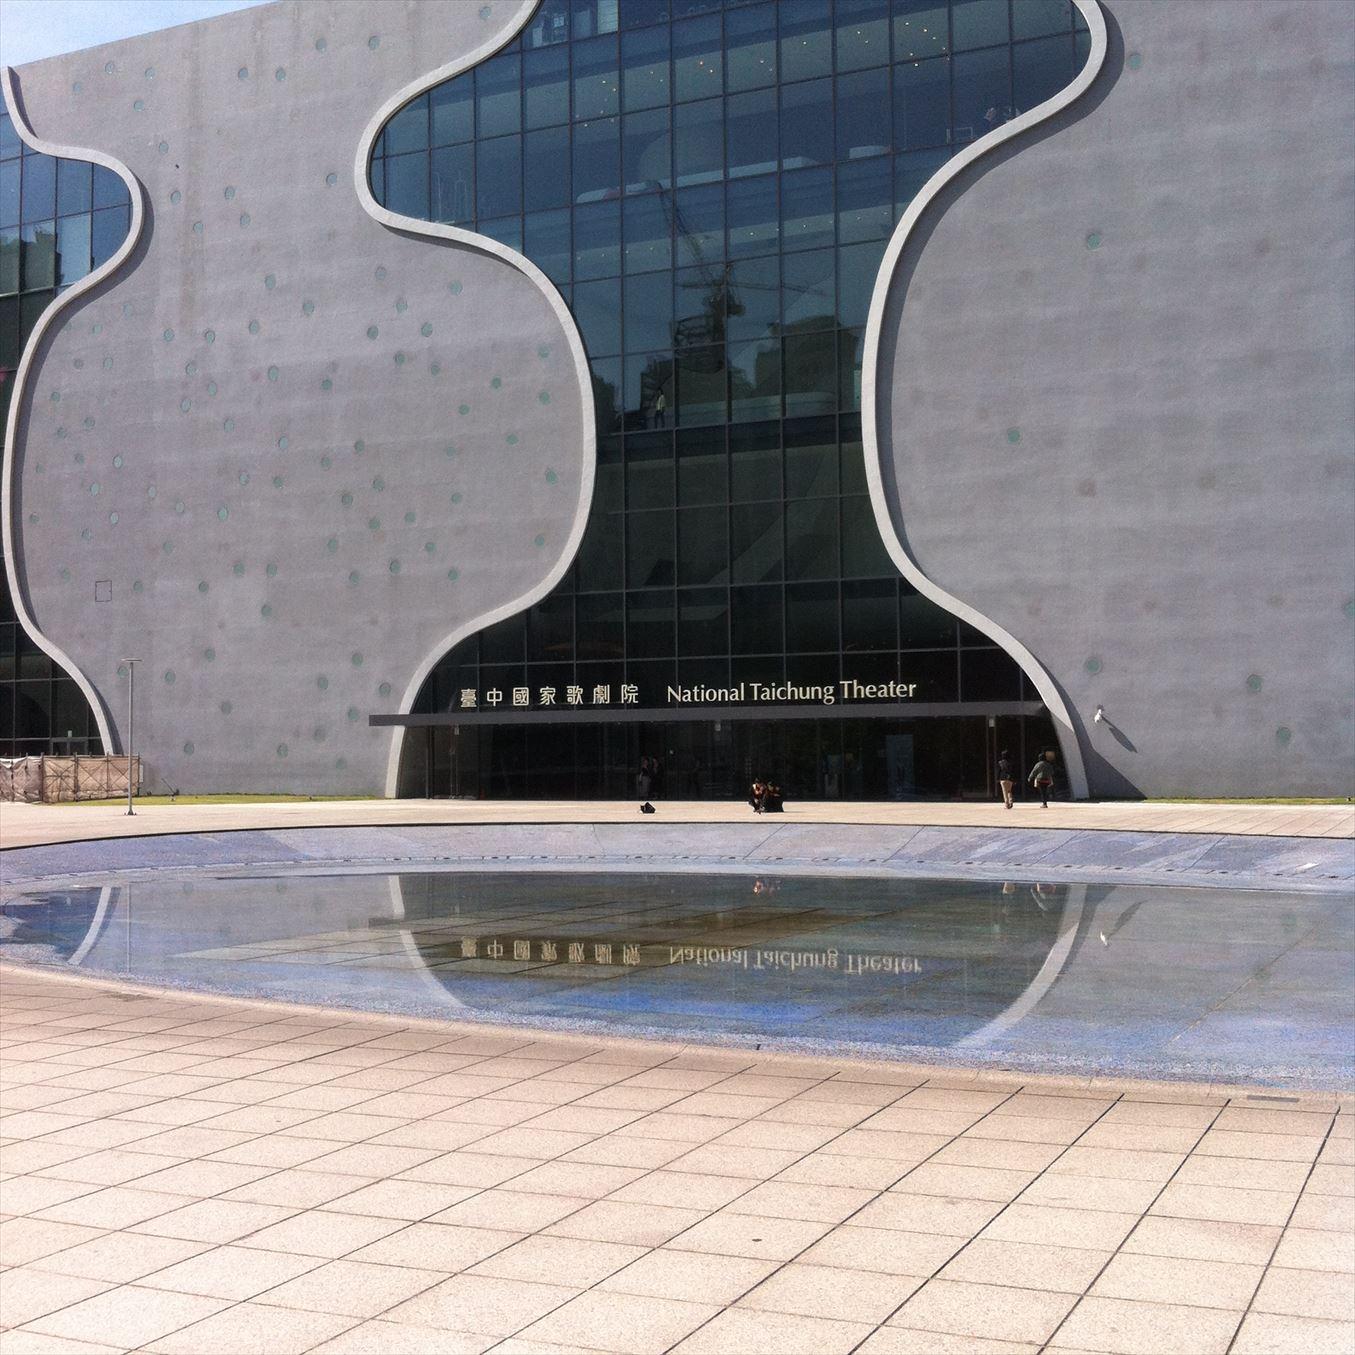 【エンタメ】台中国家歌劇院に行ってきました。